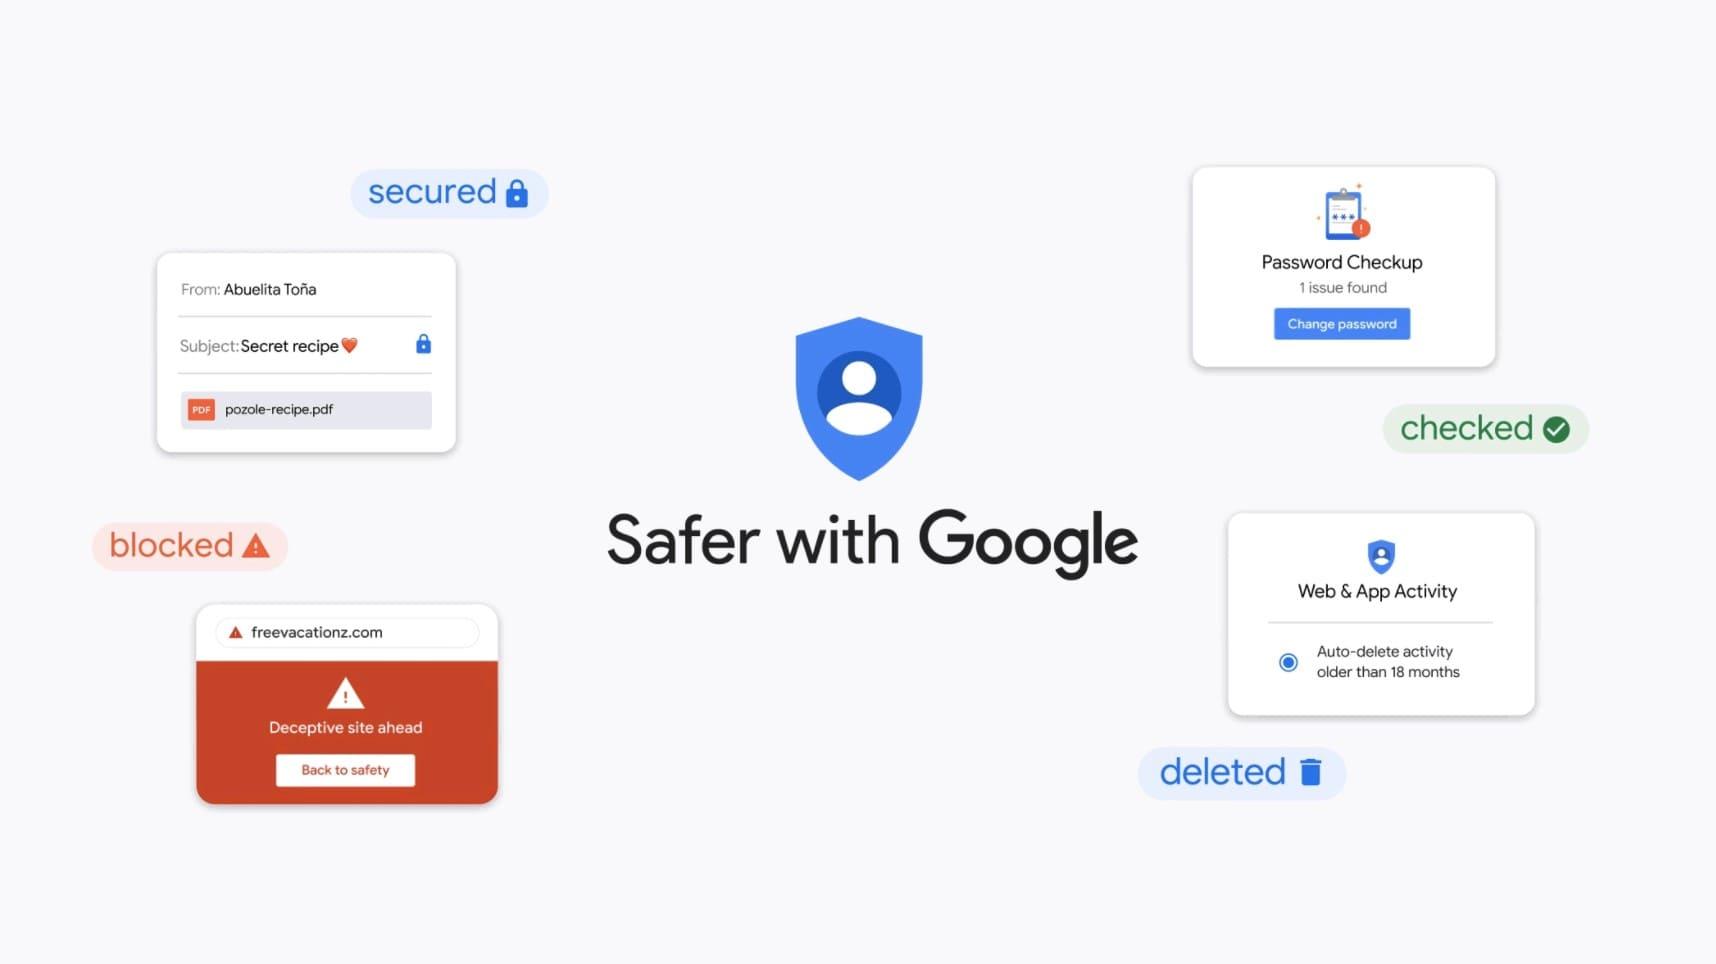 mejoras-seguridad-Google-marzo-2021